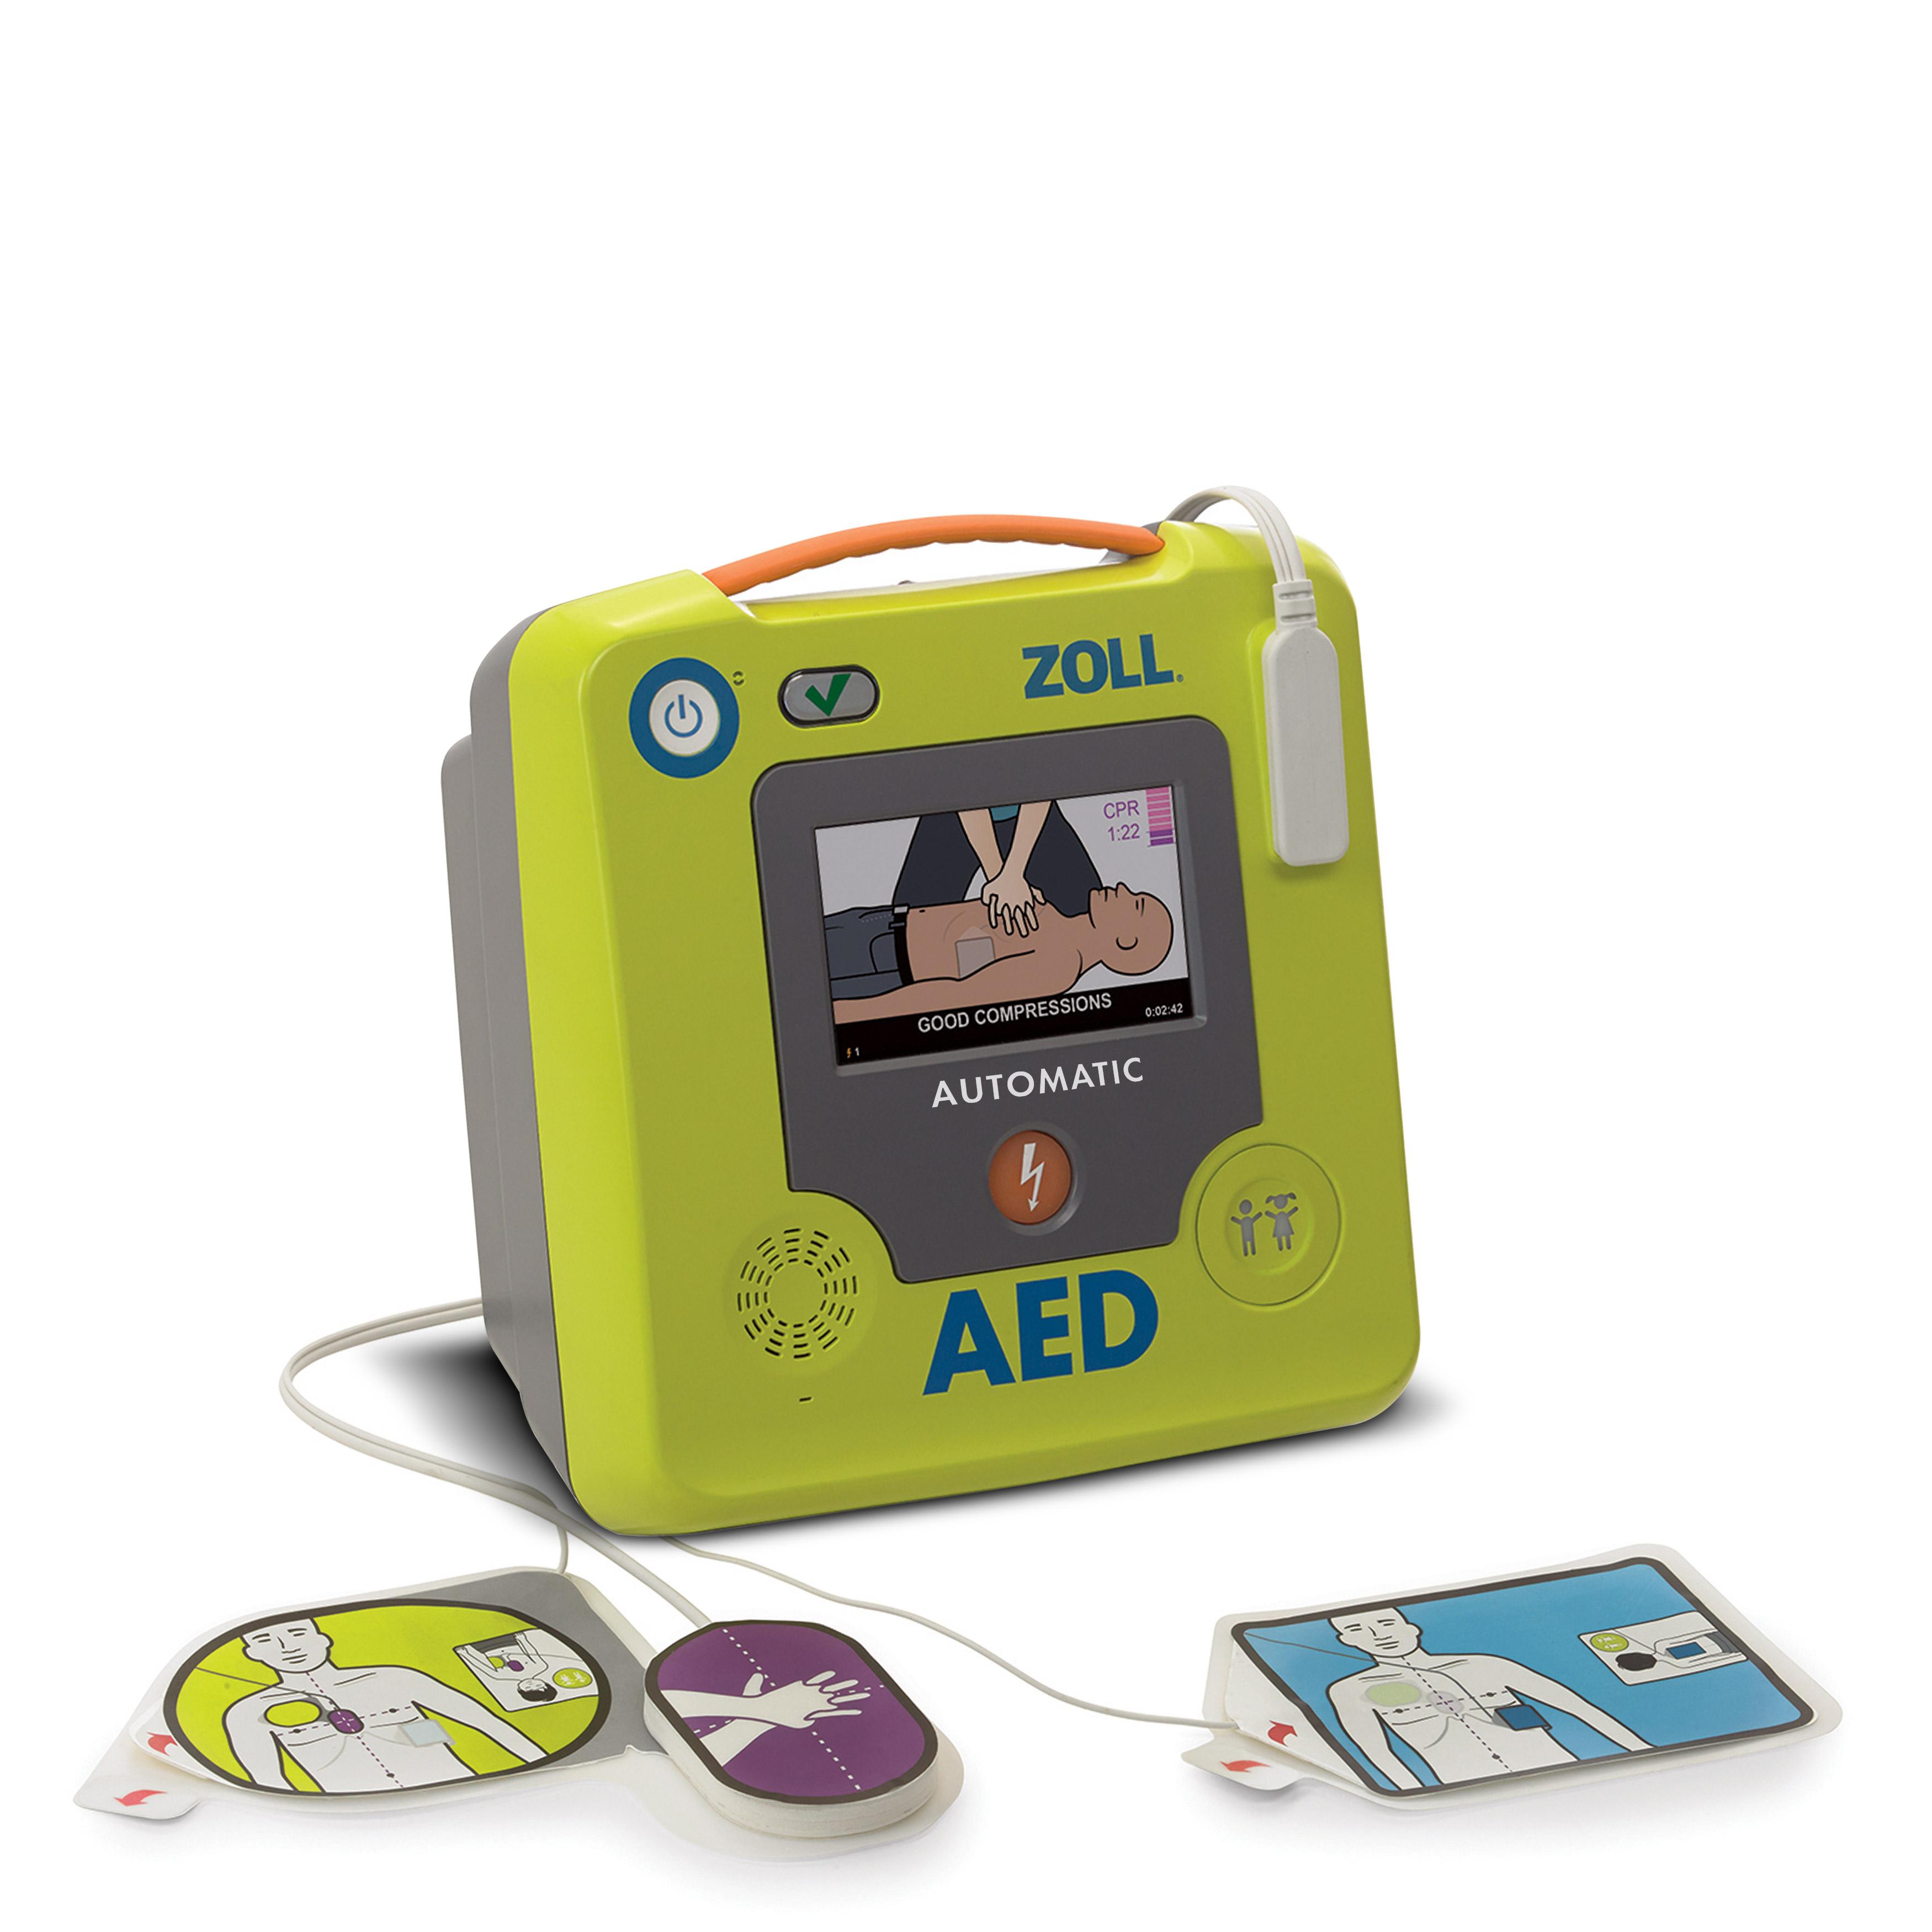 ZOLL AED 3 SEMI AUTO